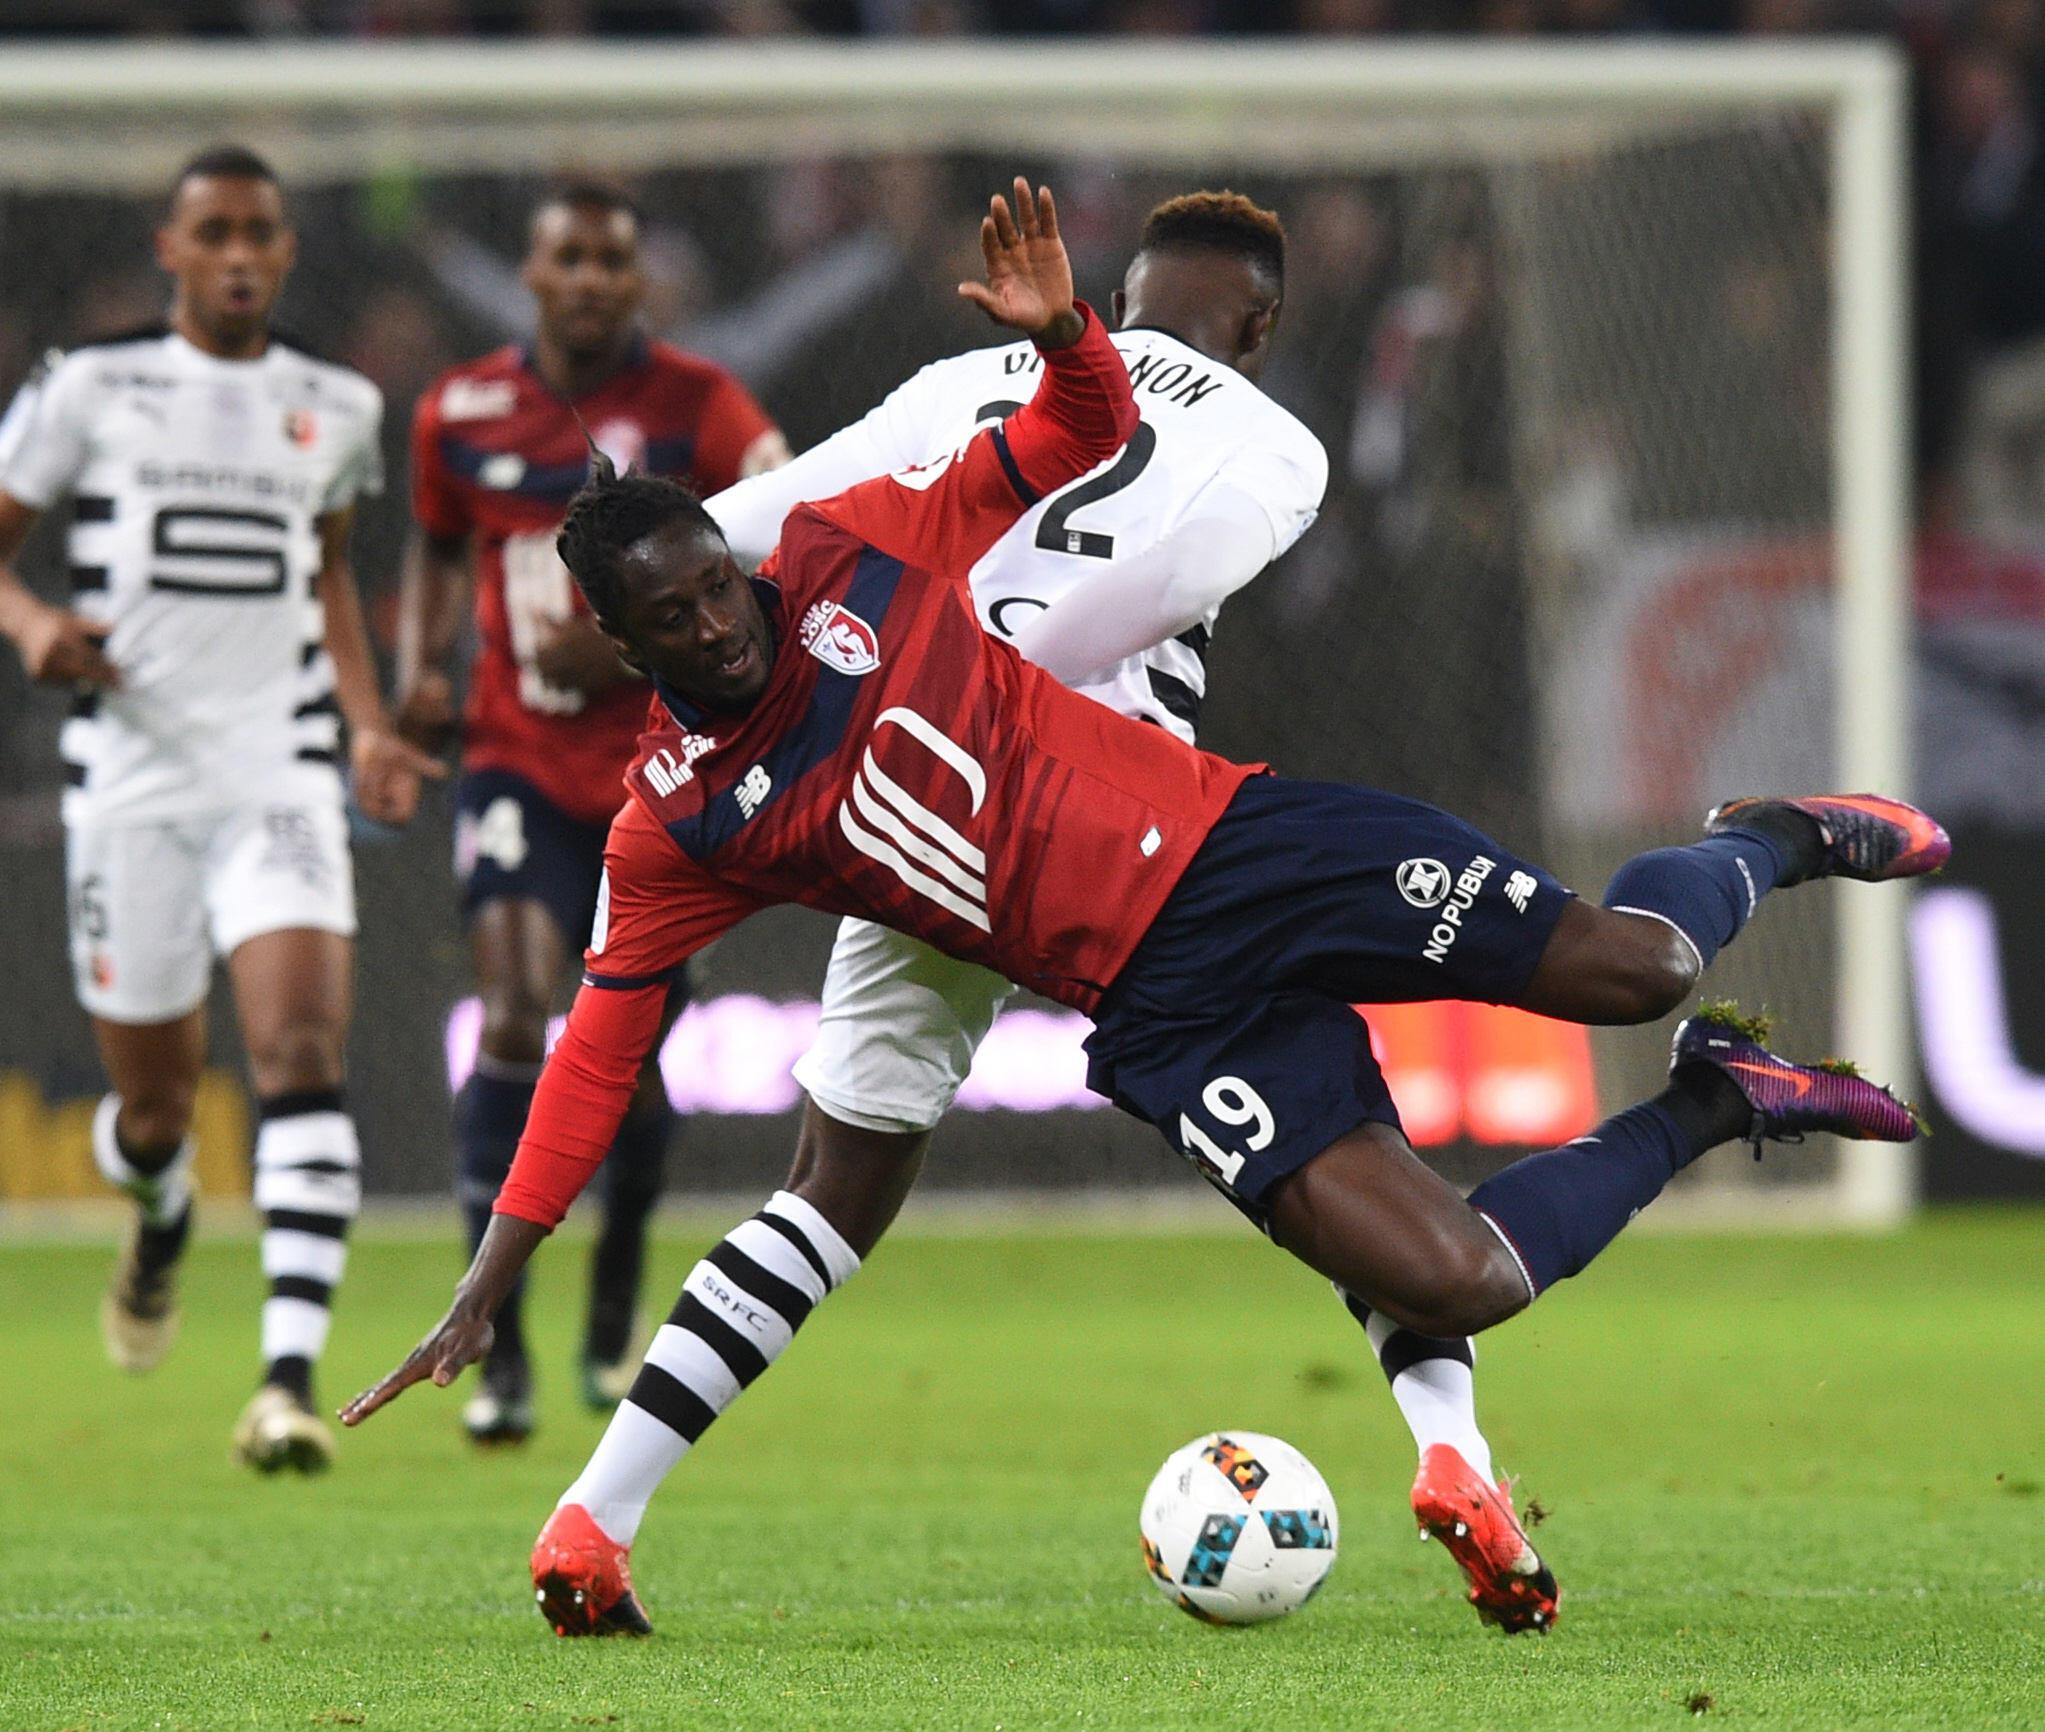 Jogador Eder, em primeiro plano, no jogo Lille-Rennes. 21 de Dezembro de 2016.